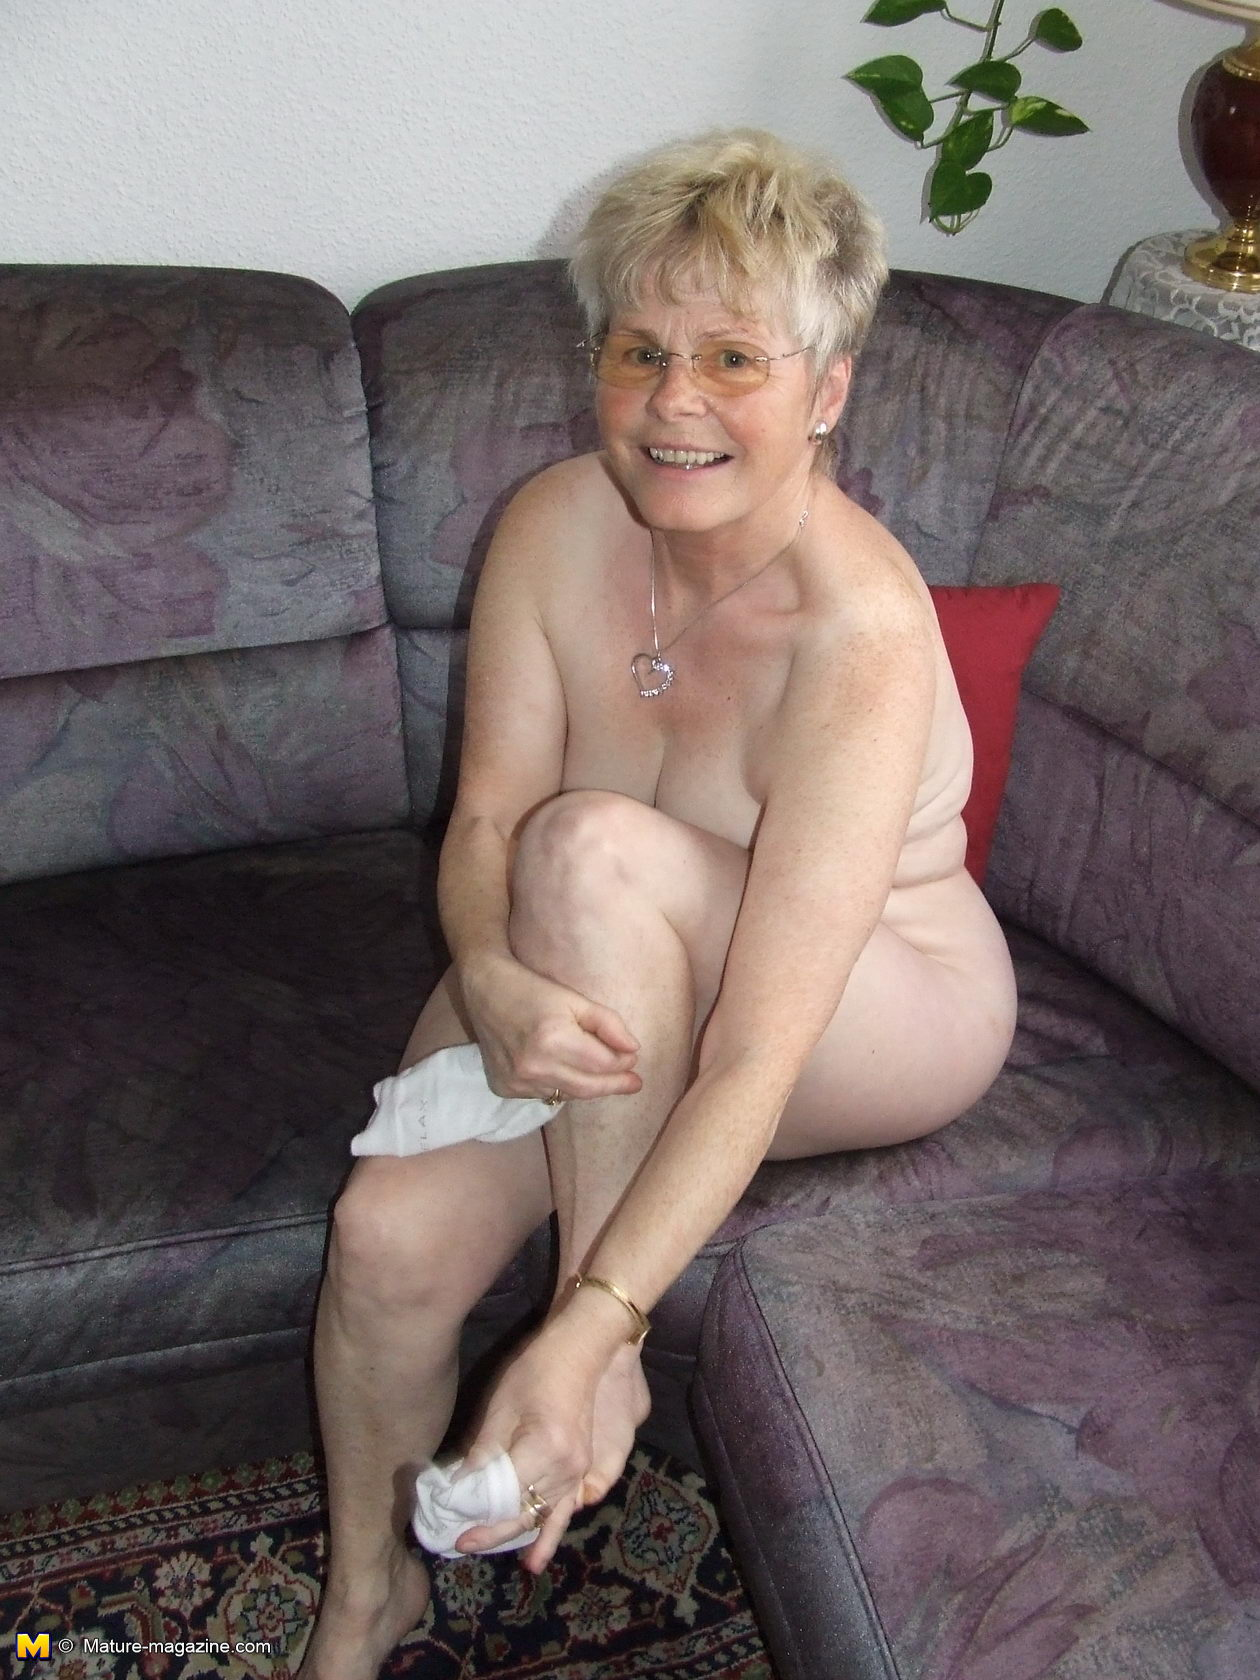 Pics naked older lady Nice Oldies